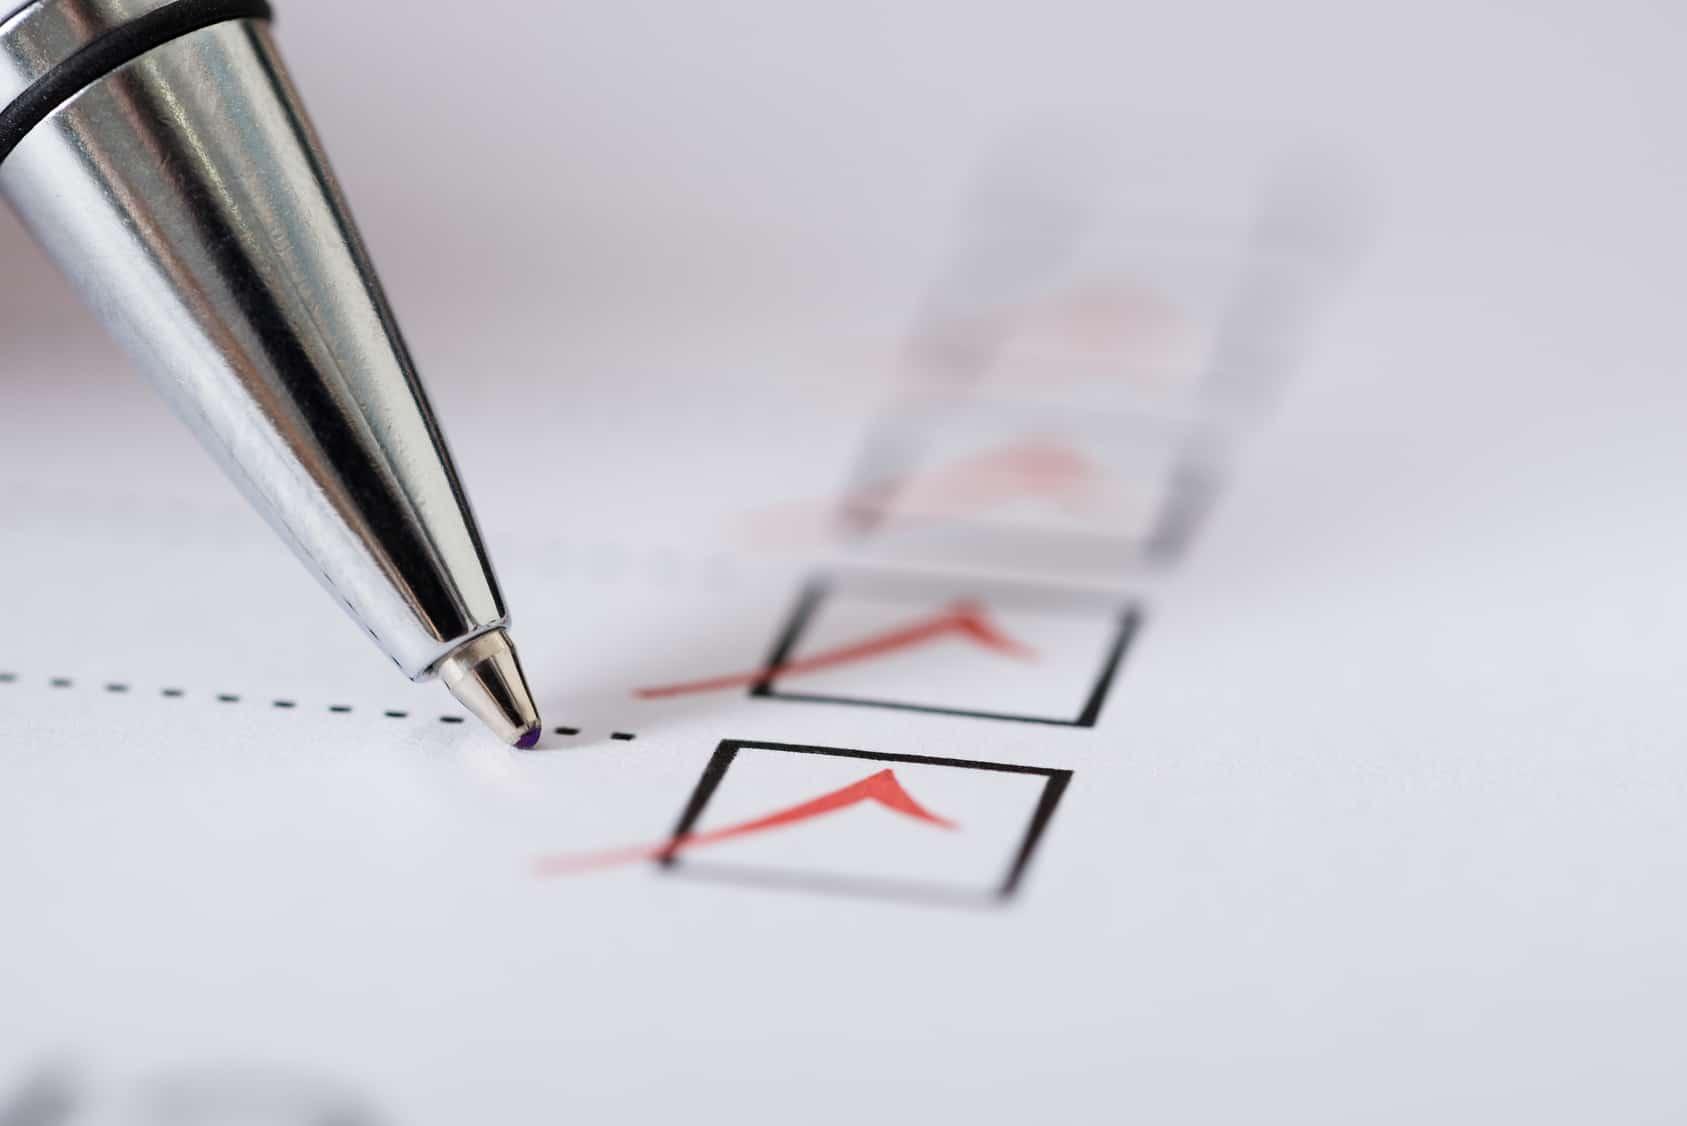 Schließfach-Vergleich Test von Stiftung Warentest